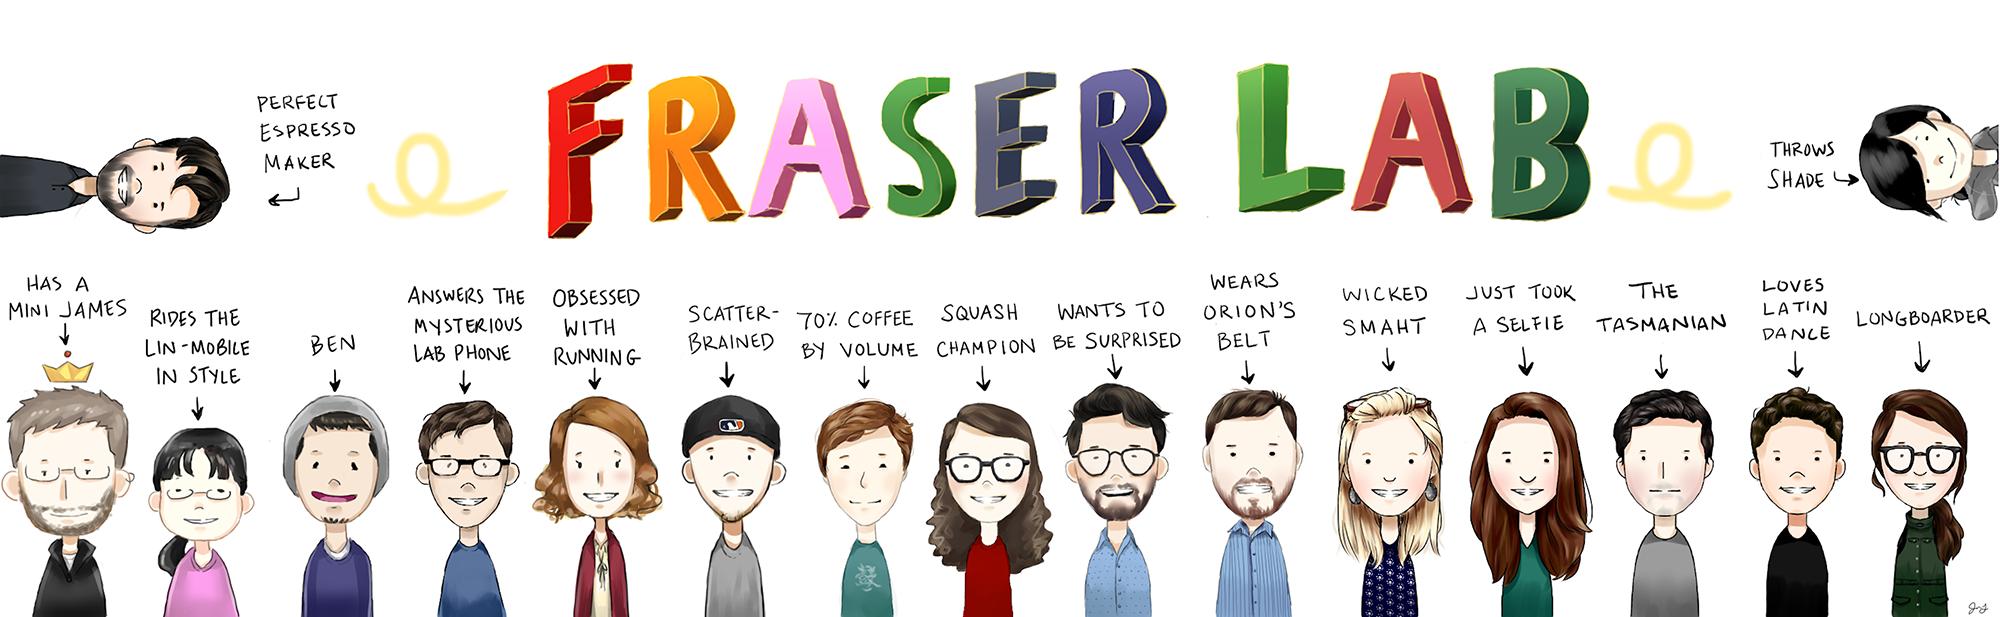 [Fraser Lab]